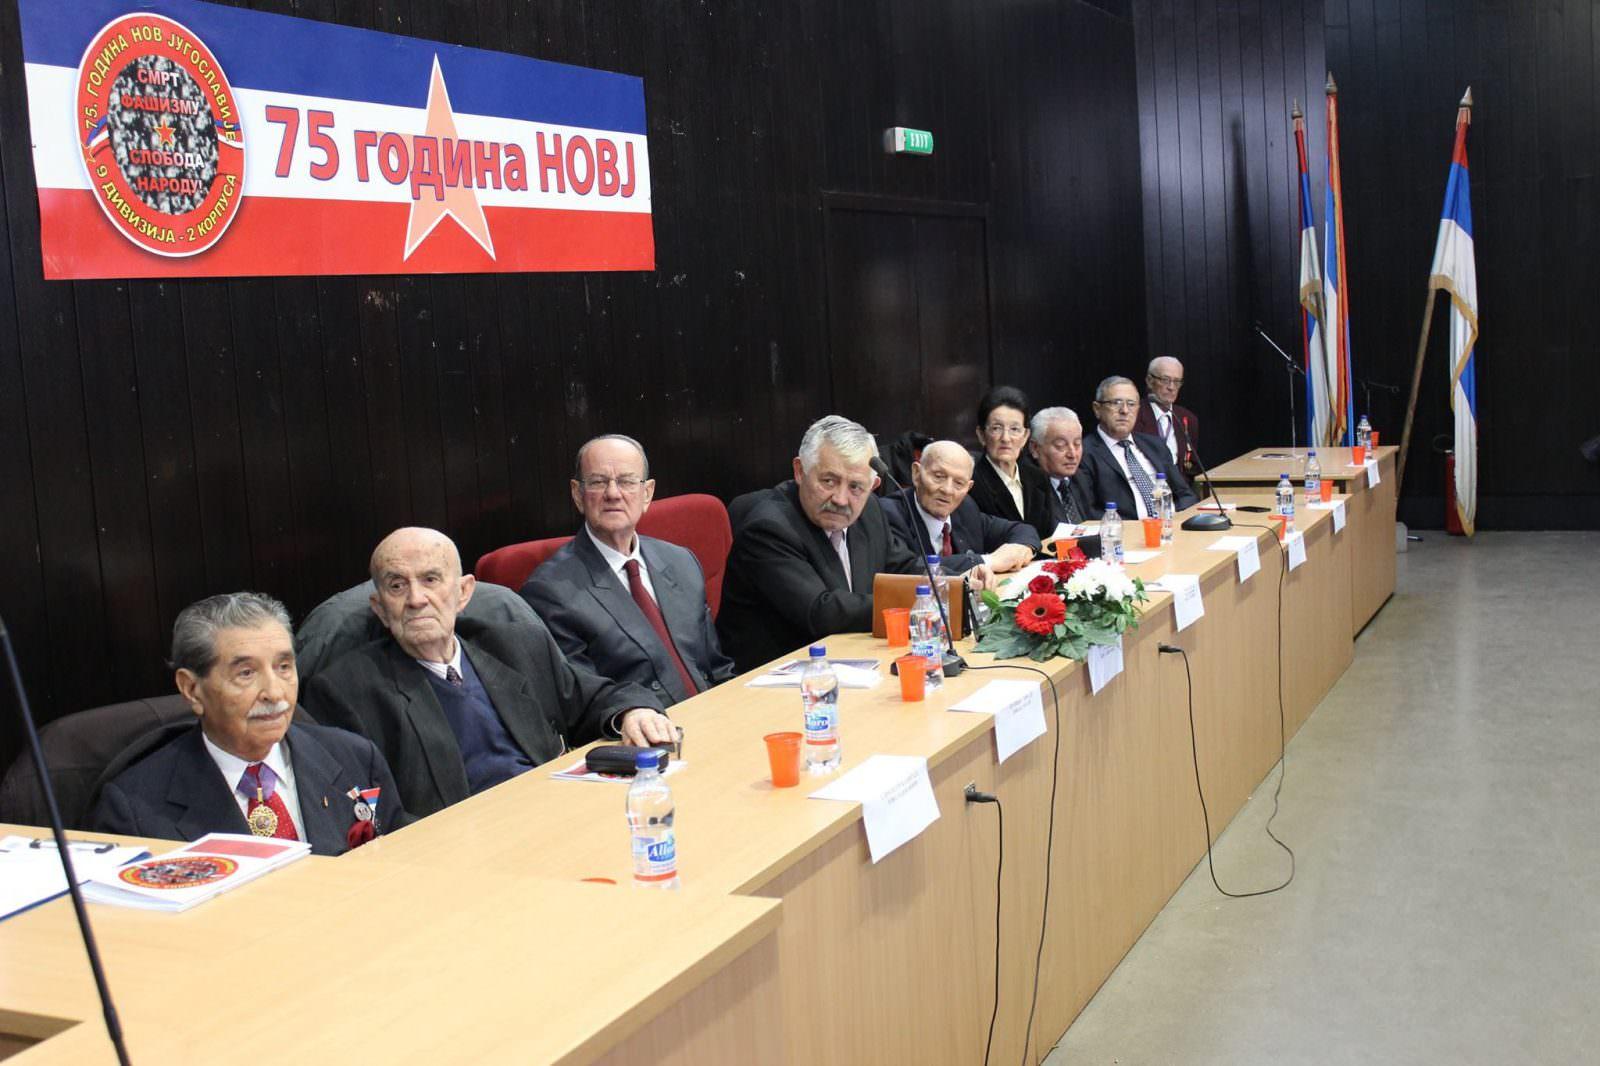 НОВ Југославије